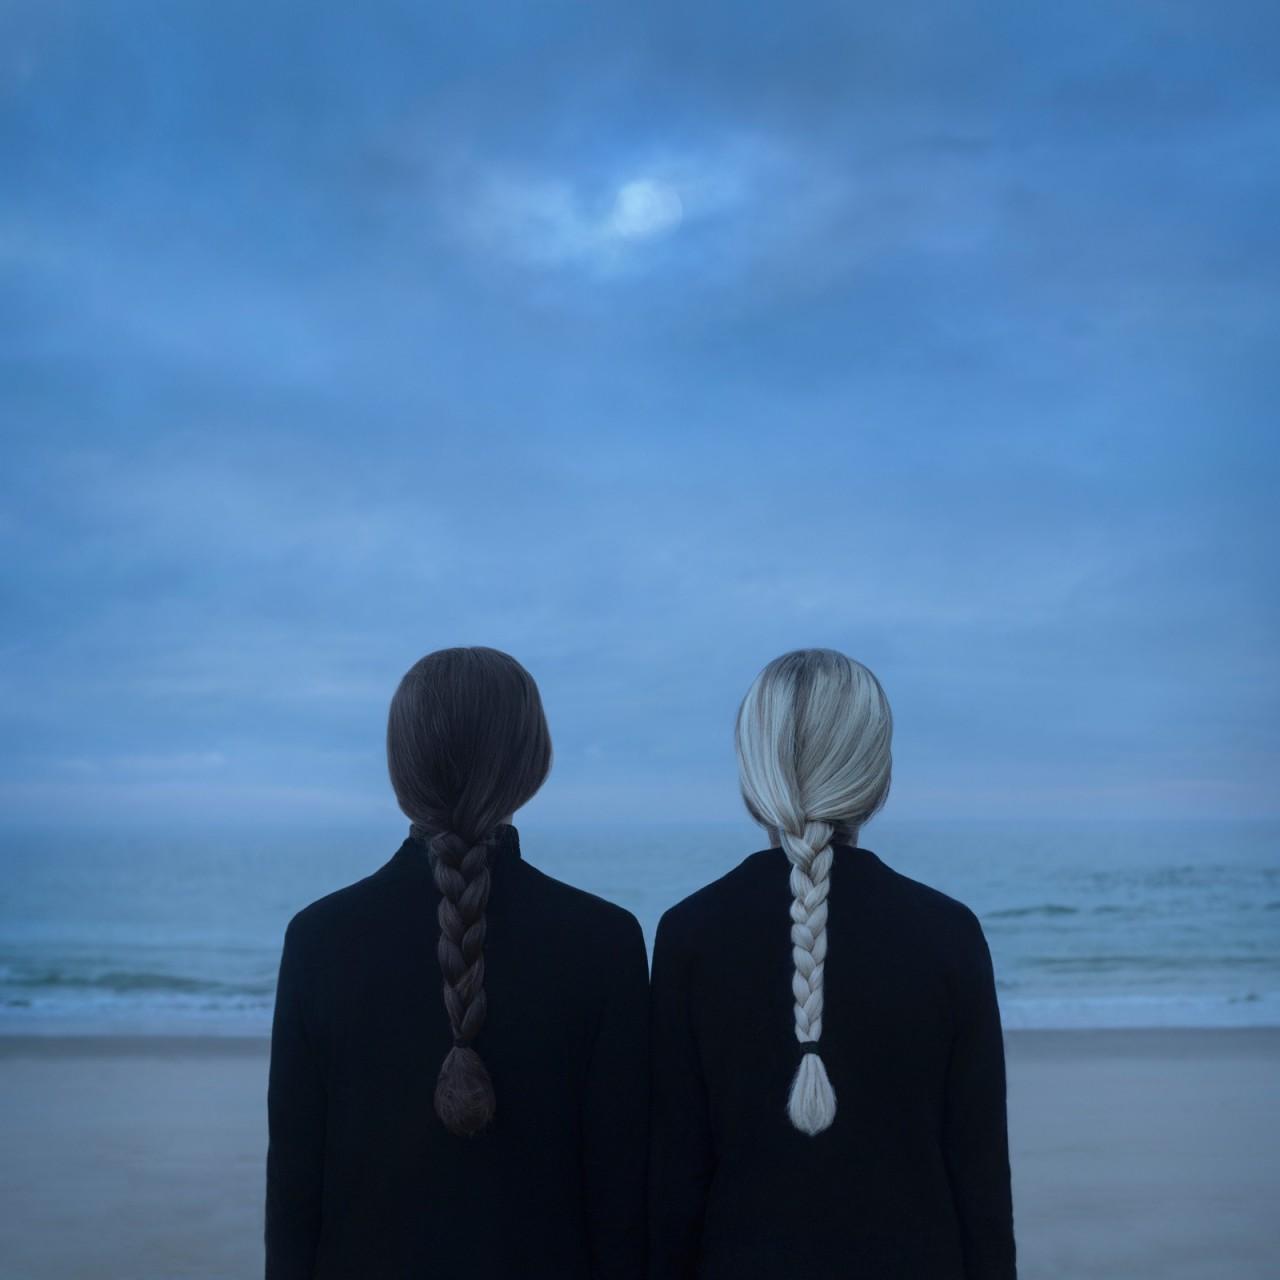 «Раскрытие в ночи». Автор Габриэль Исак